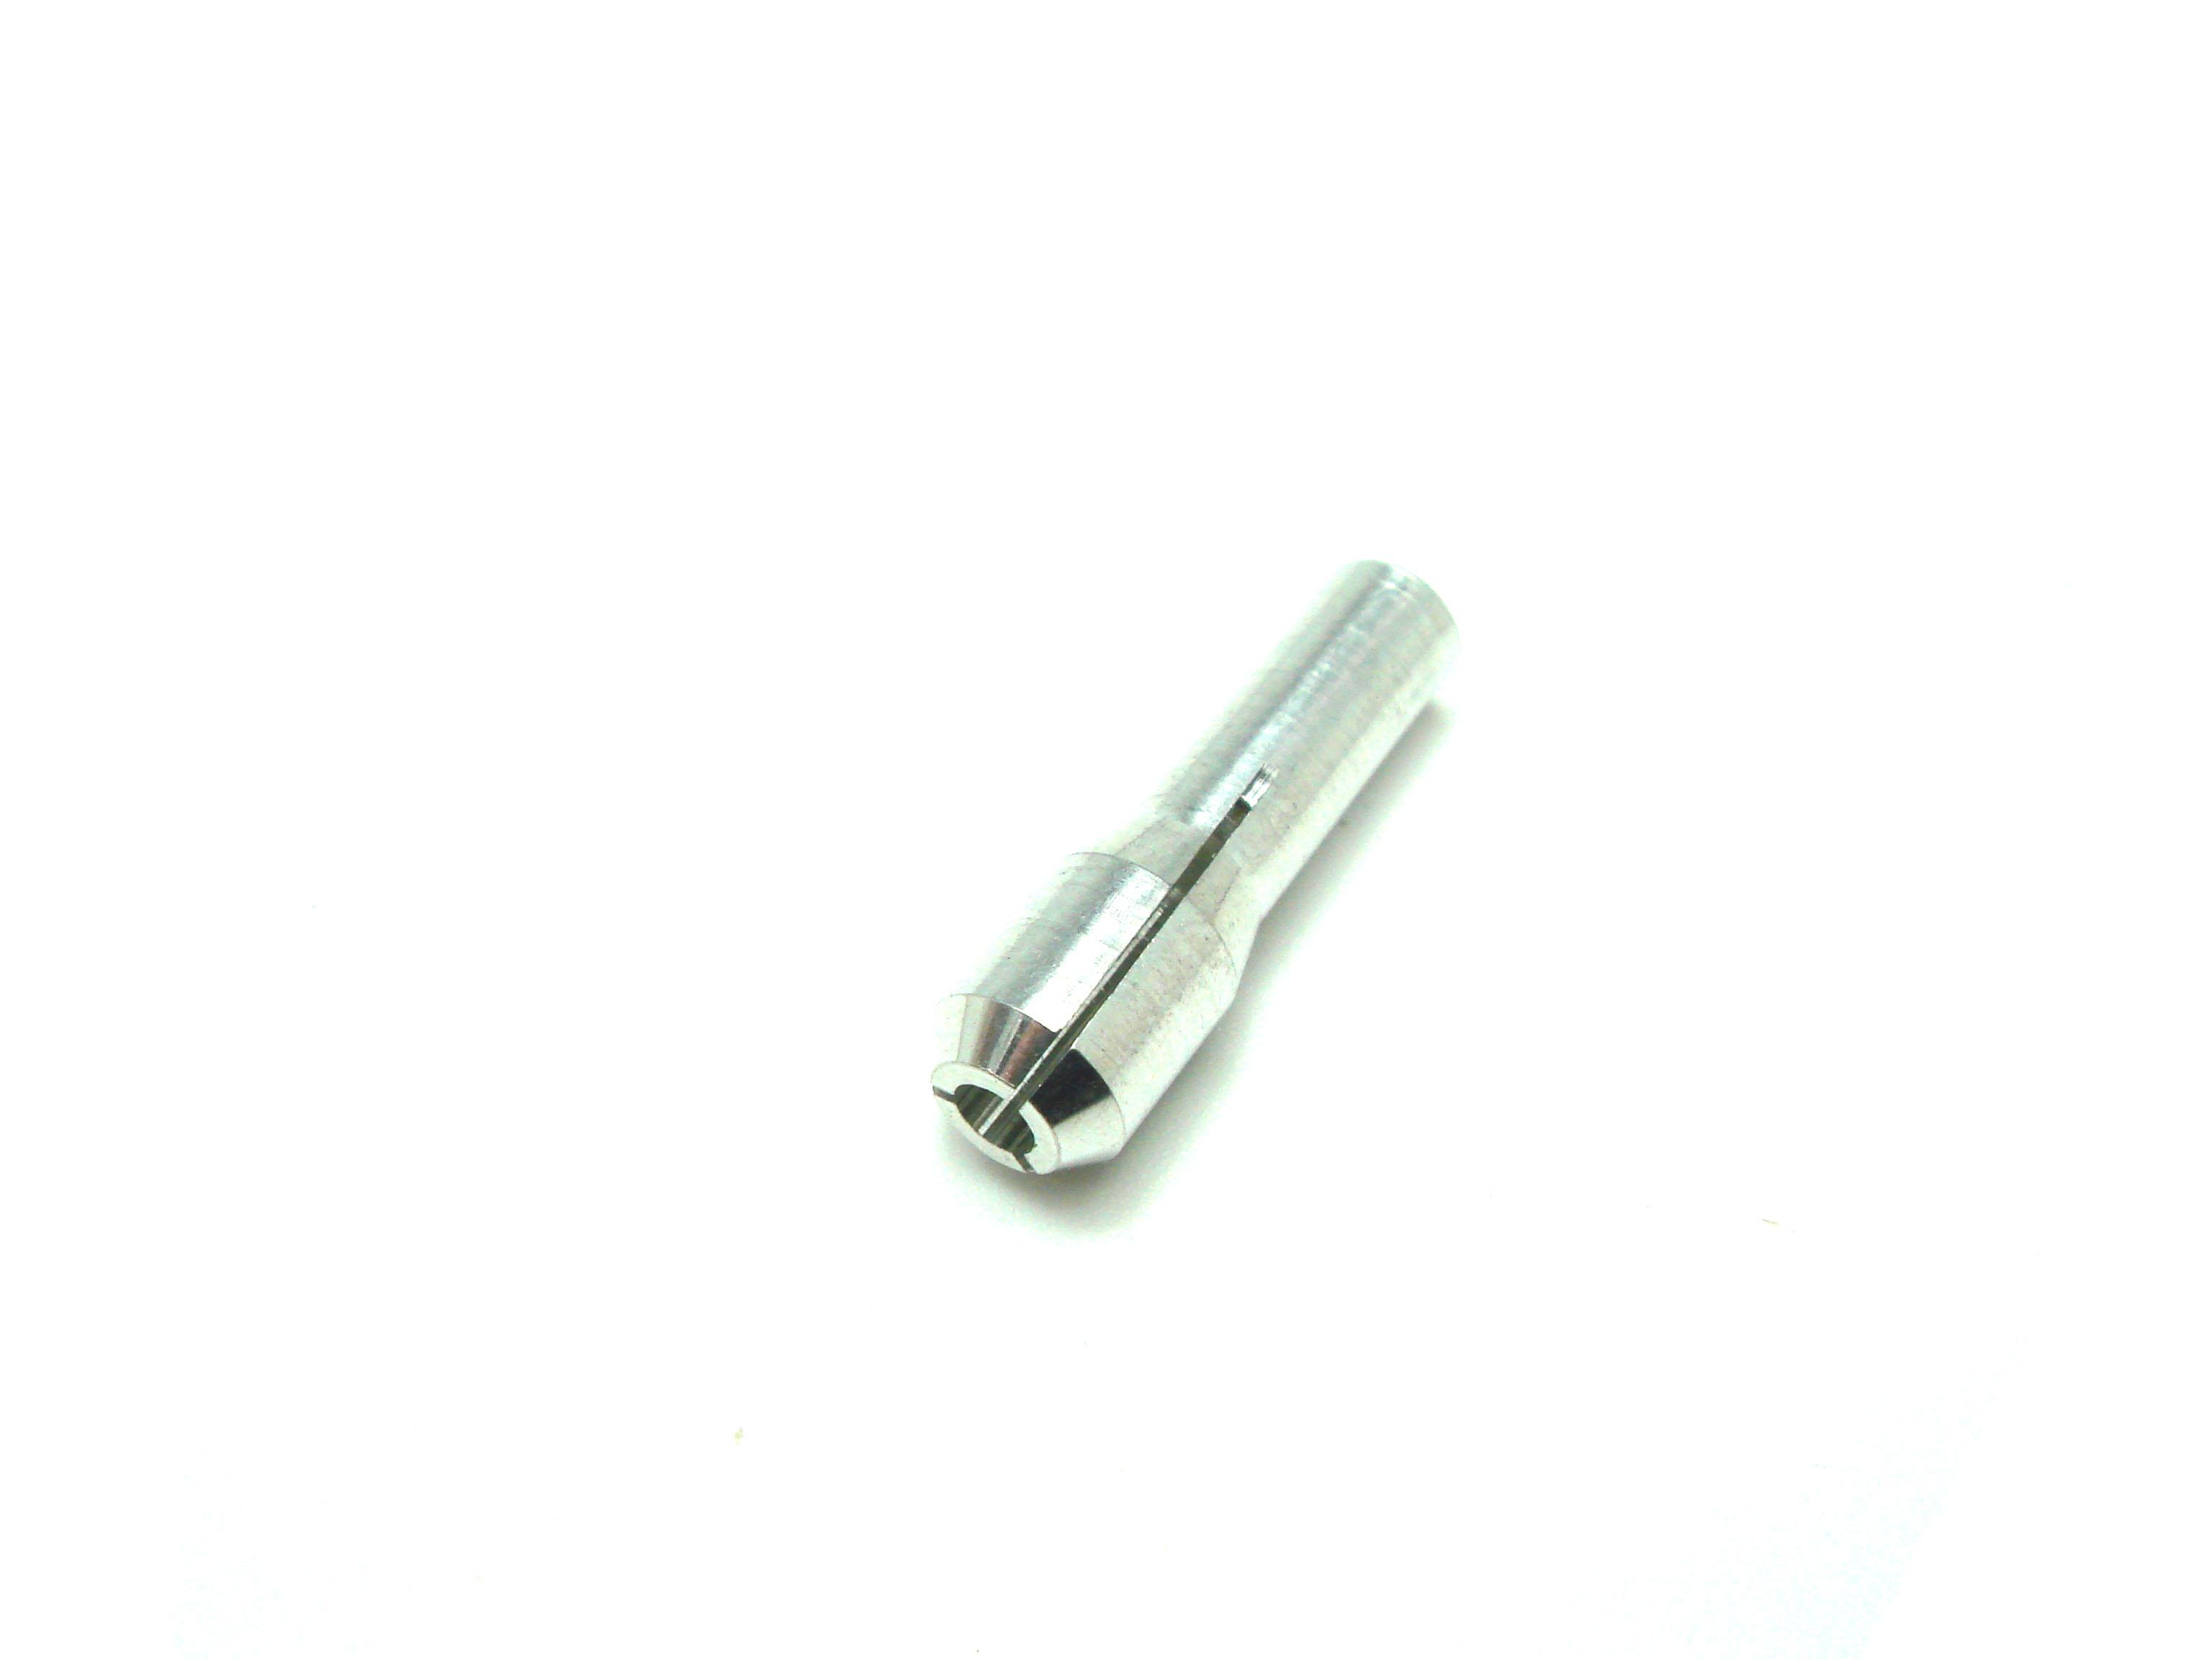 หัวยึดดอกสว่าน 2.4mm ขนาด2.0-2.4mm